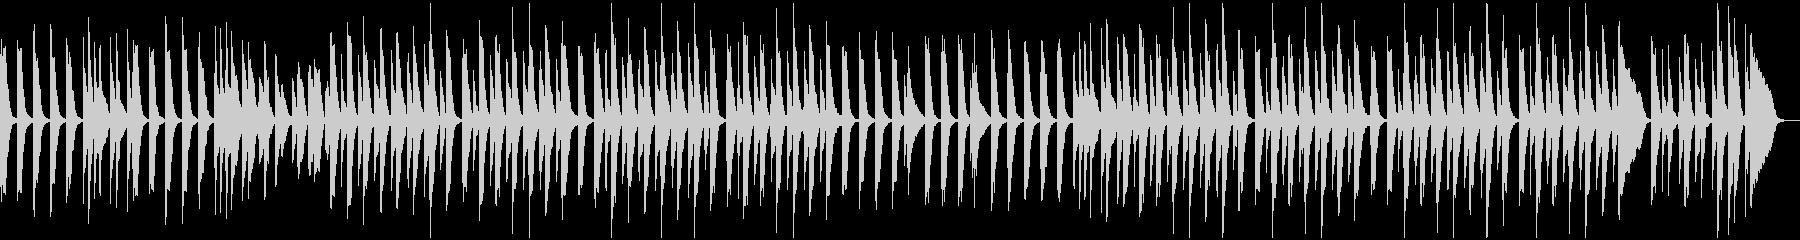 子供が飛び跳ねるようなピアノ曲の未再生の波形